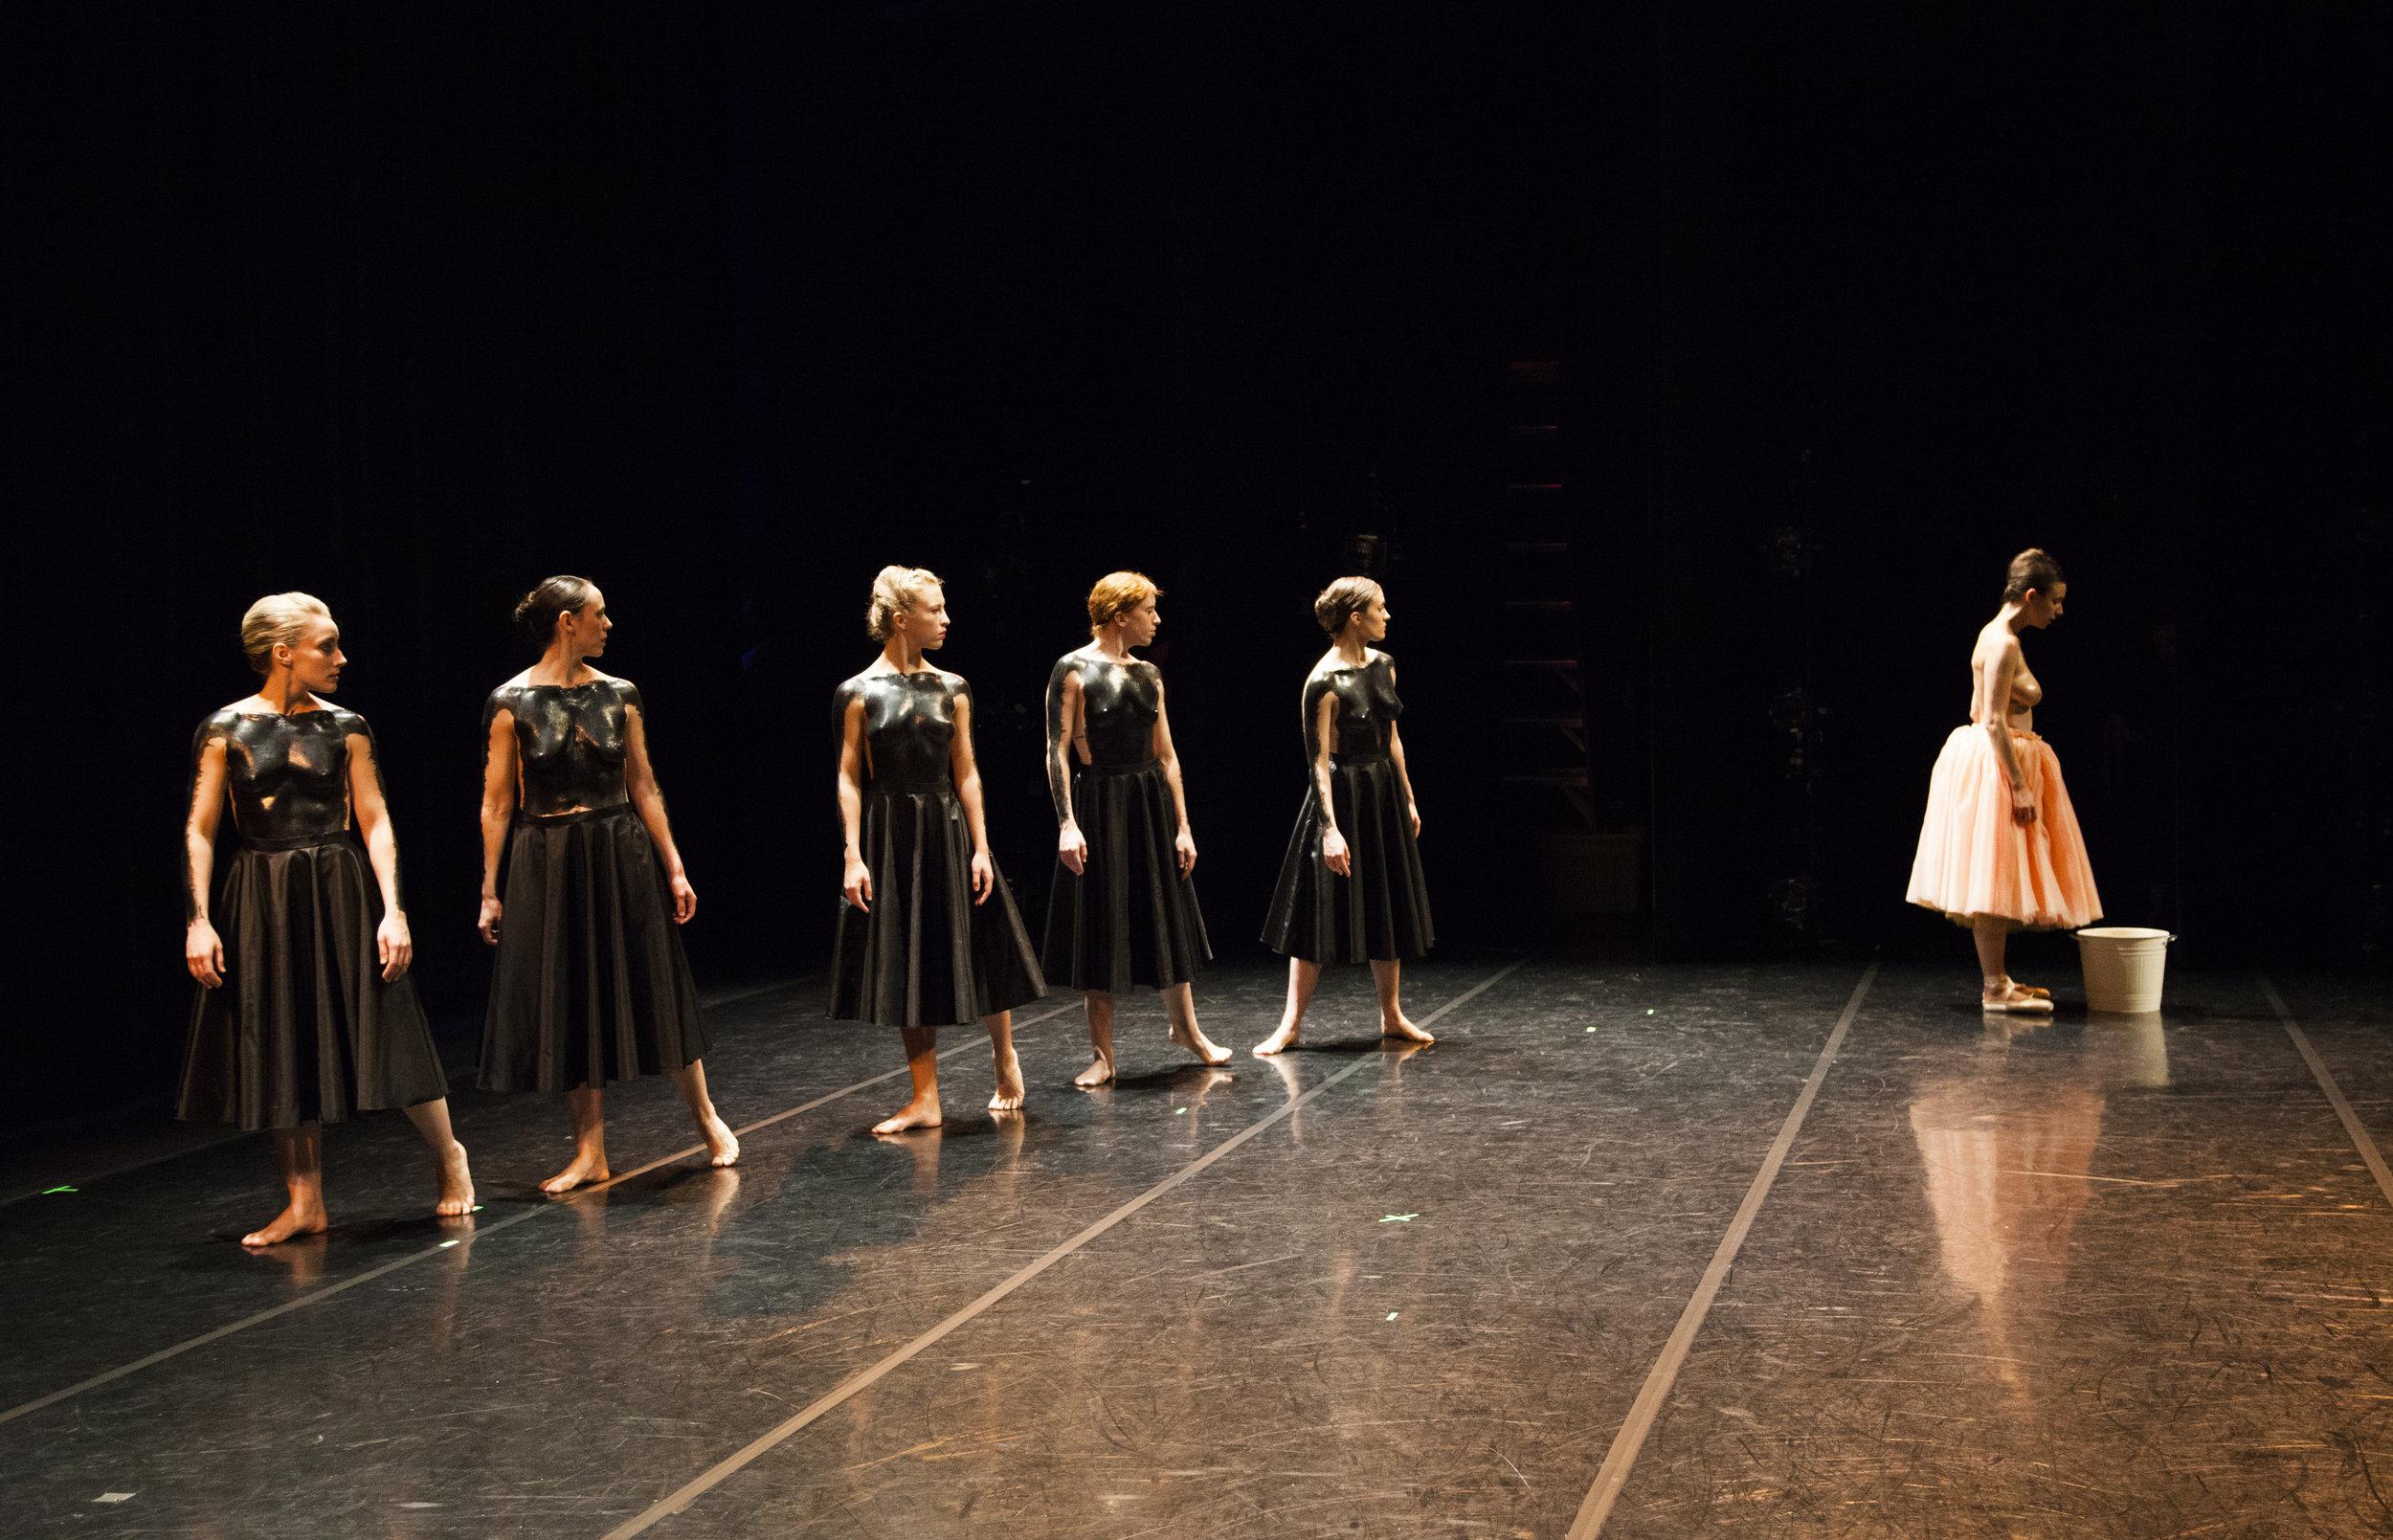 Alexandra Bodnarchuk, Marcella Day, Andrea Kozai, Patty Petronello, Alexandra Salerno, Nicole Truzzi © Hannah Altman 2016